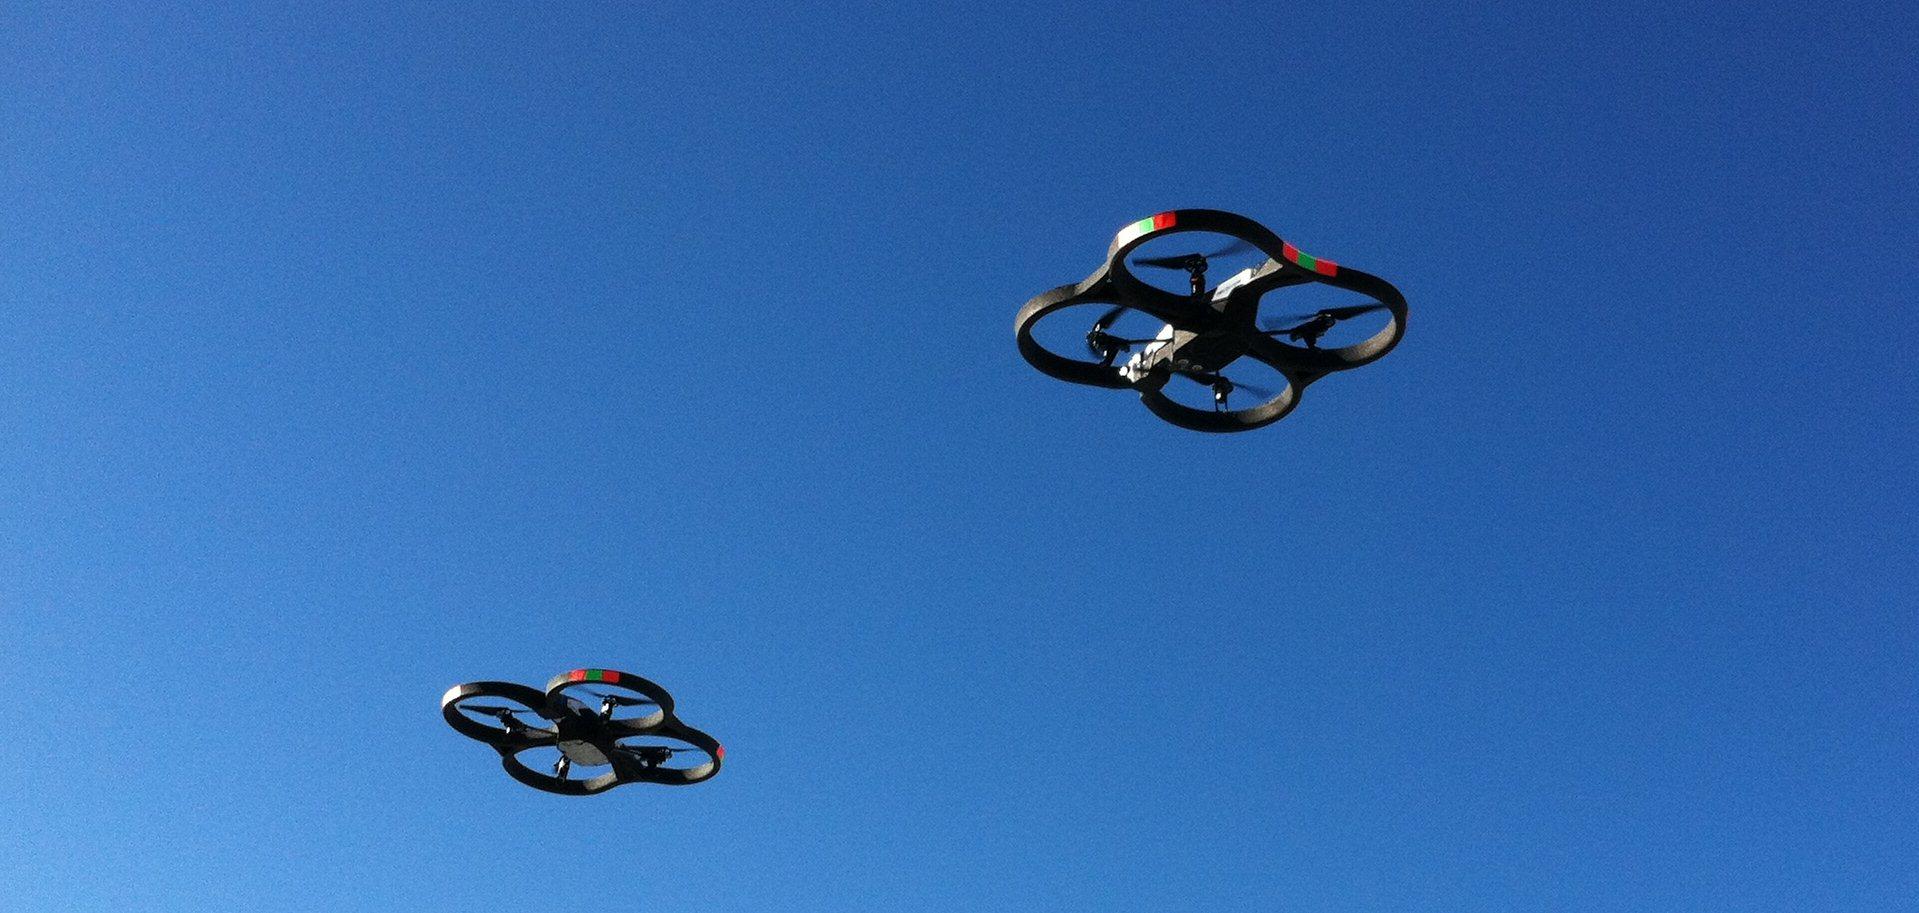 Un estudio muestra que el uso de drones puede ahorrar un 20% el coste de las vacunas en países en desarrollo